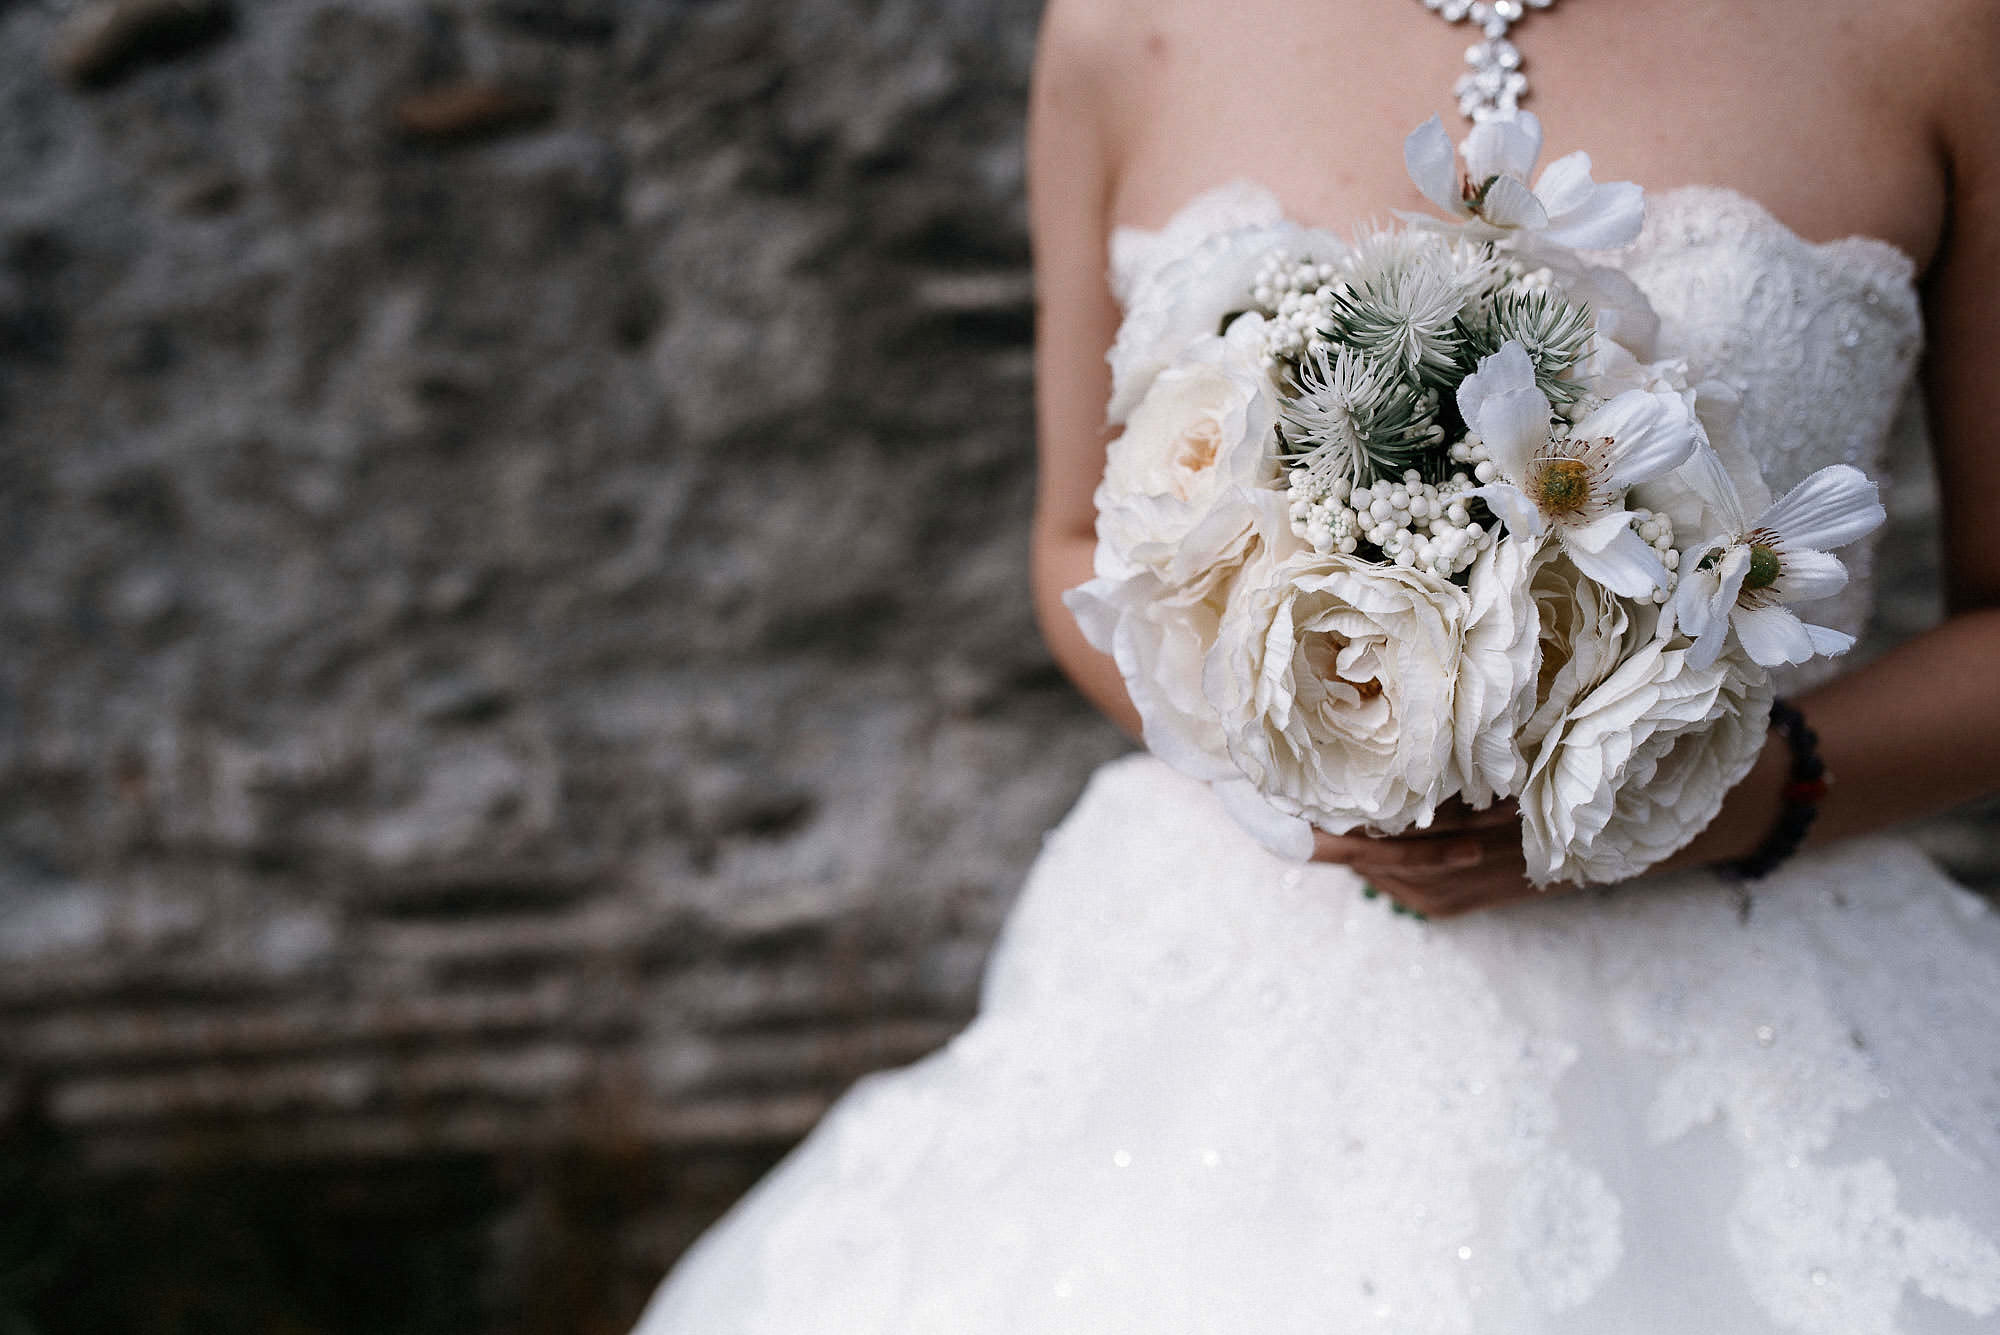 iceland-wedding-photographer_jere-satamo_photography-reykjavik-019.jpg